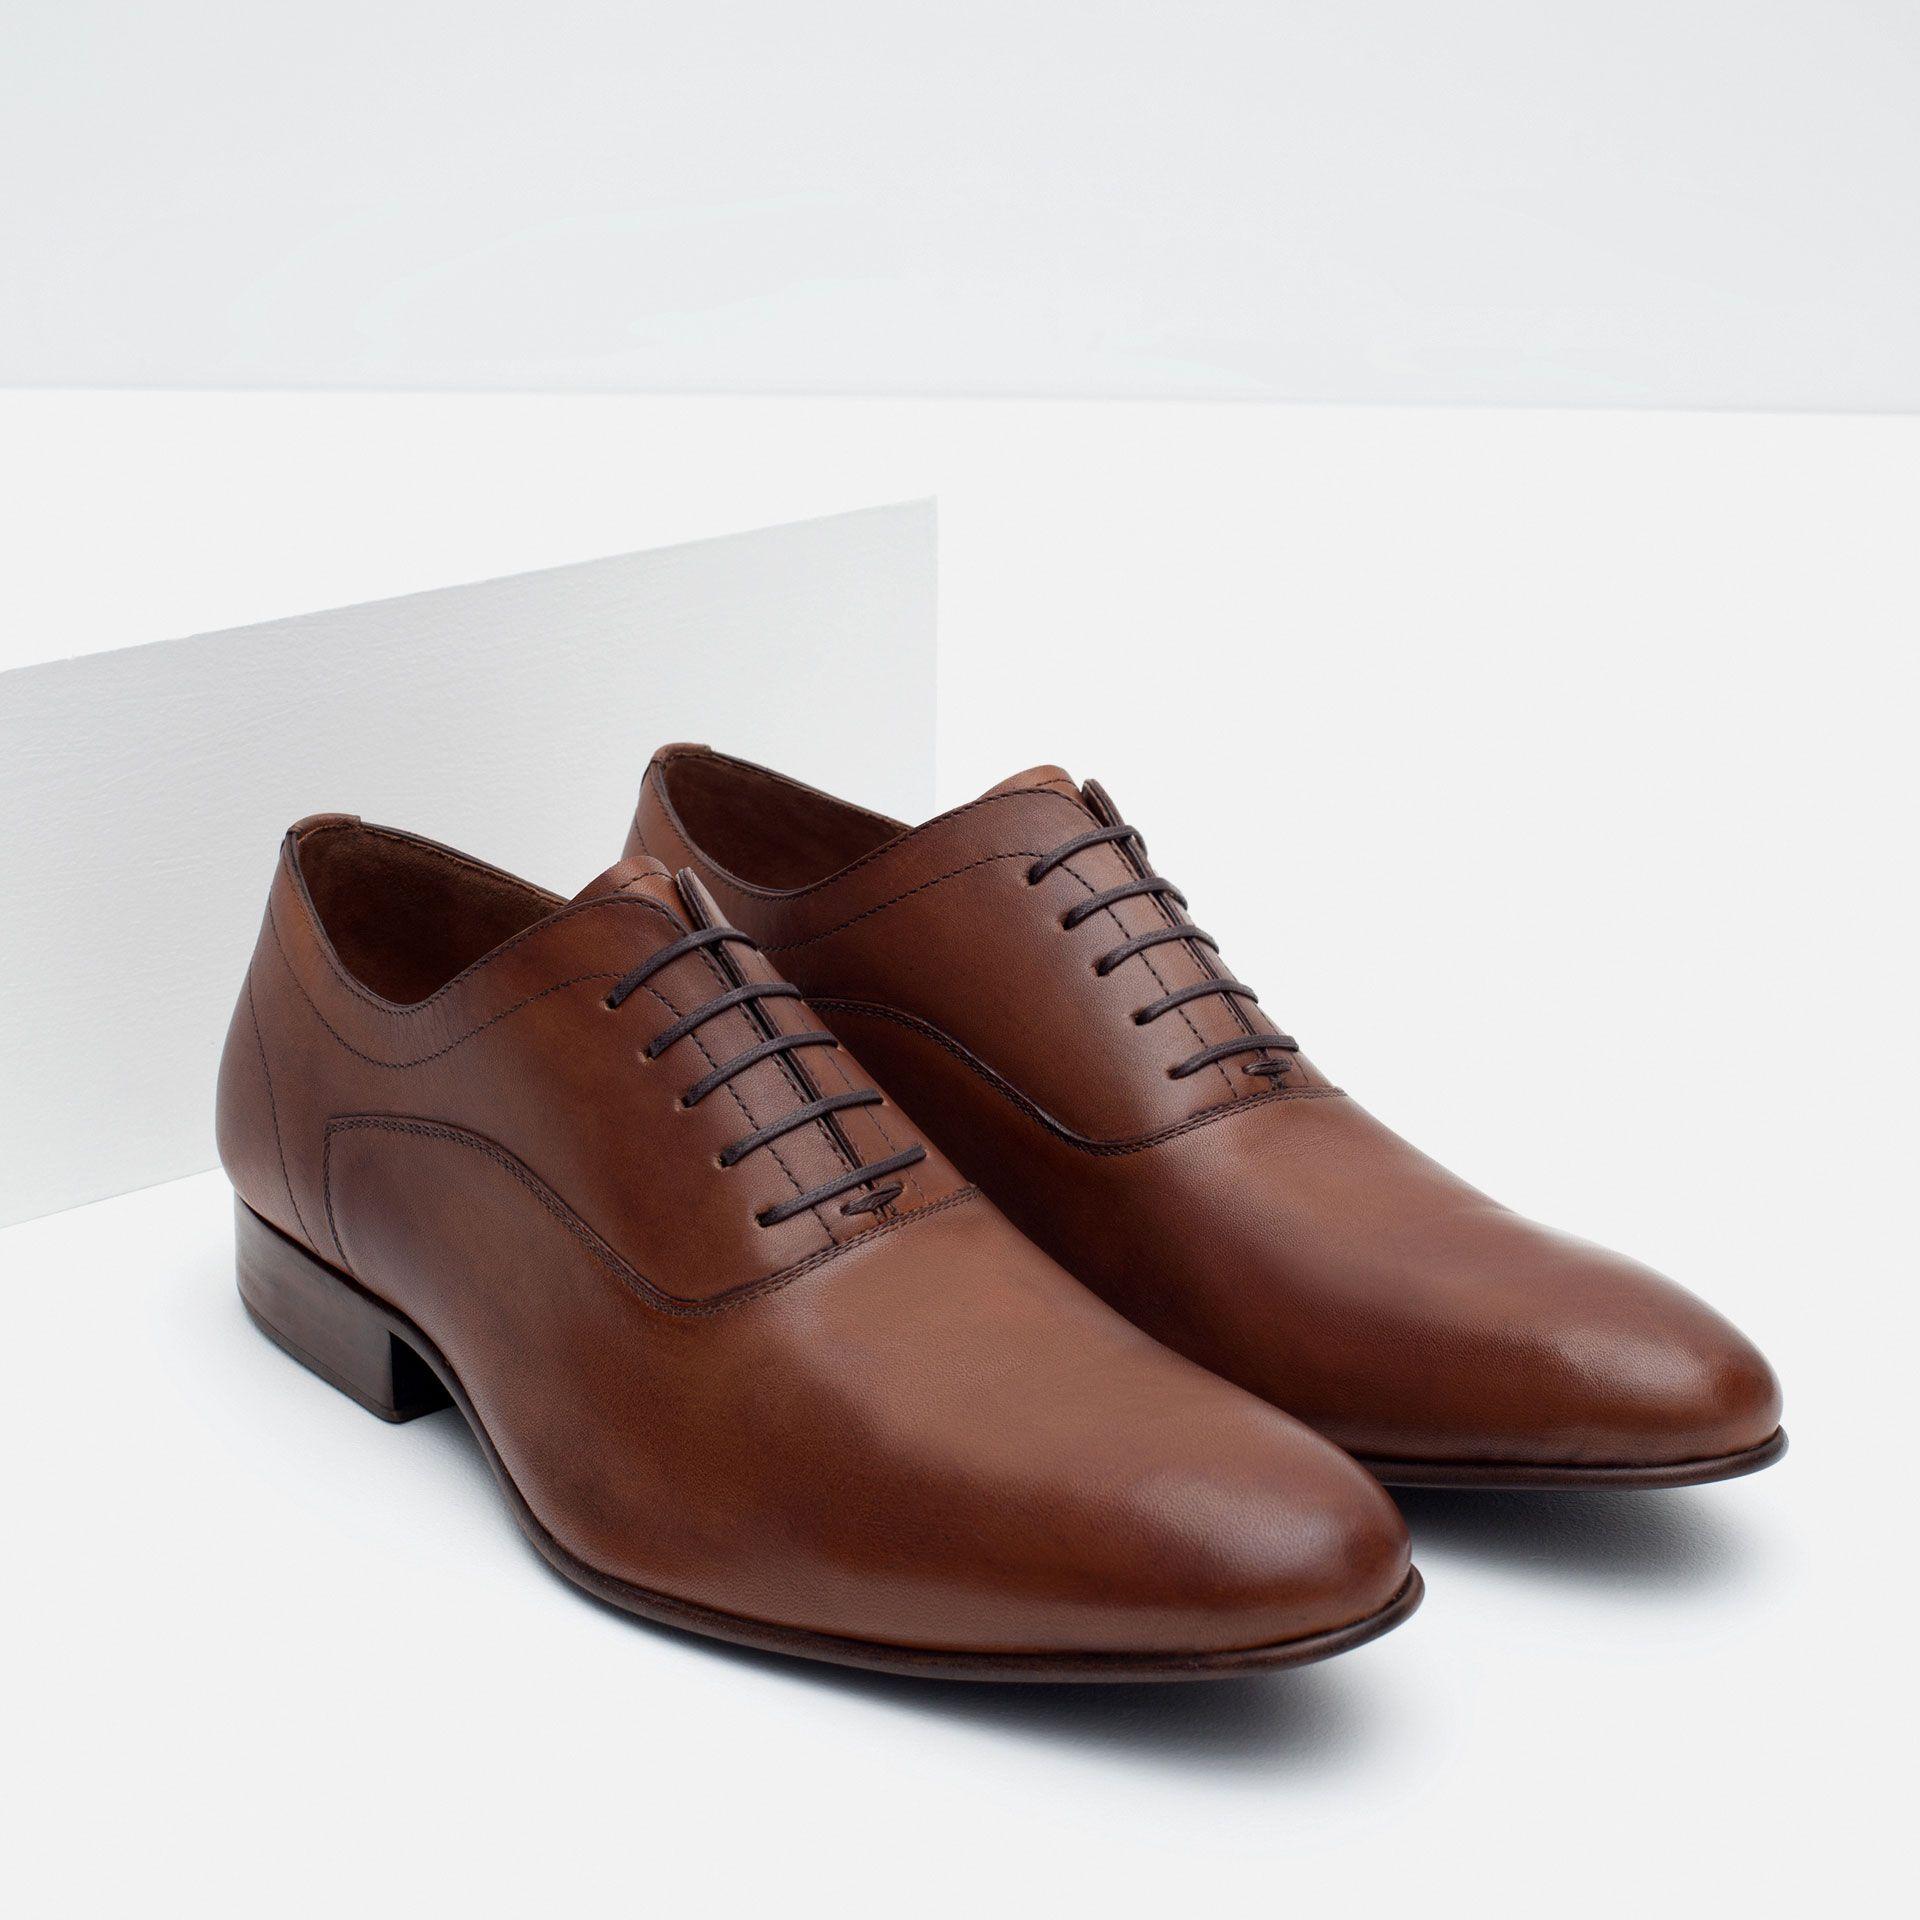 vente eastbay Printemps Chaussures Marron Vintage Pour Les Hommes fiable en ligne Boutique en vente 3lrimR